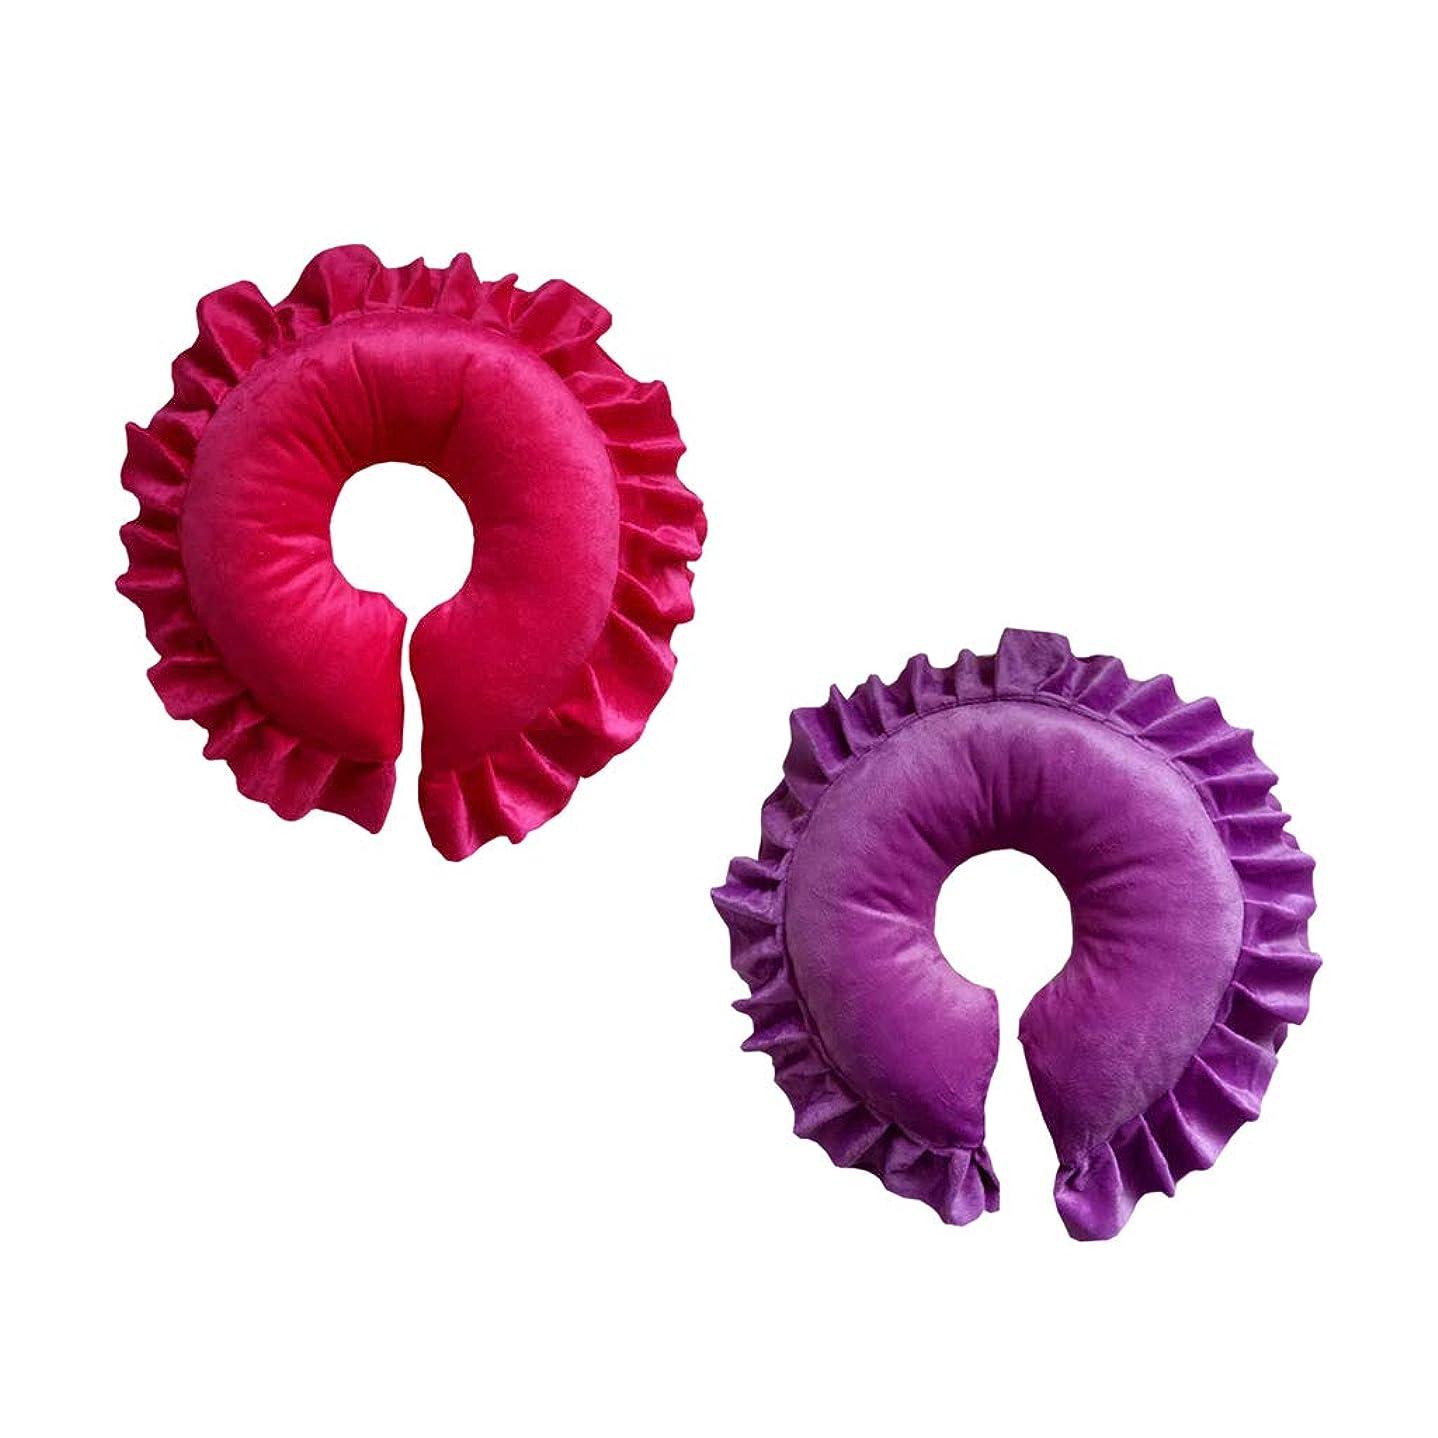 士気病気だと思うピカリングPerfeclan 2個 フェイスピロー マッサージ枕 クッション サロン スパ 快適 実用的 紫&赤 2ピース